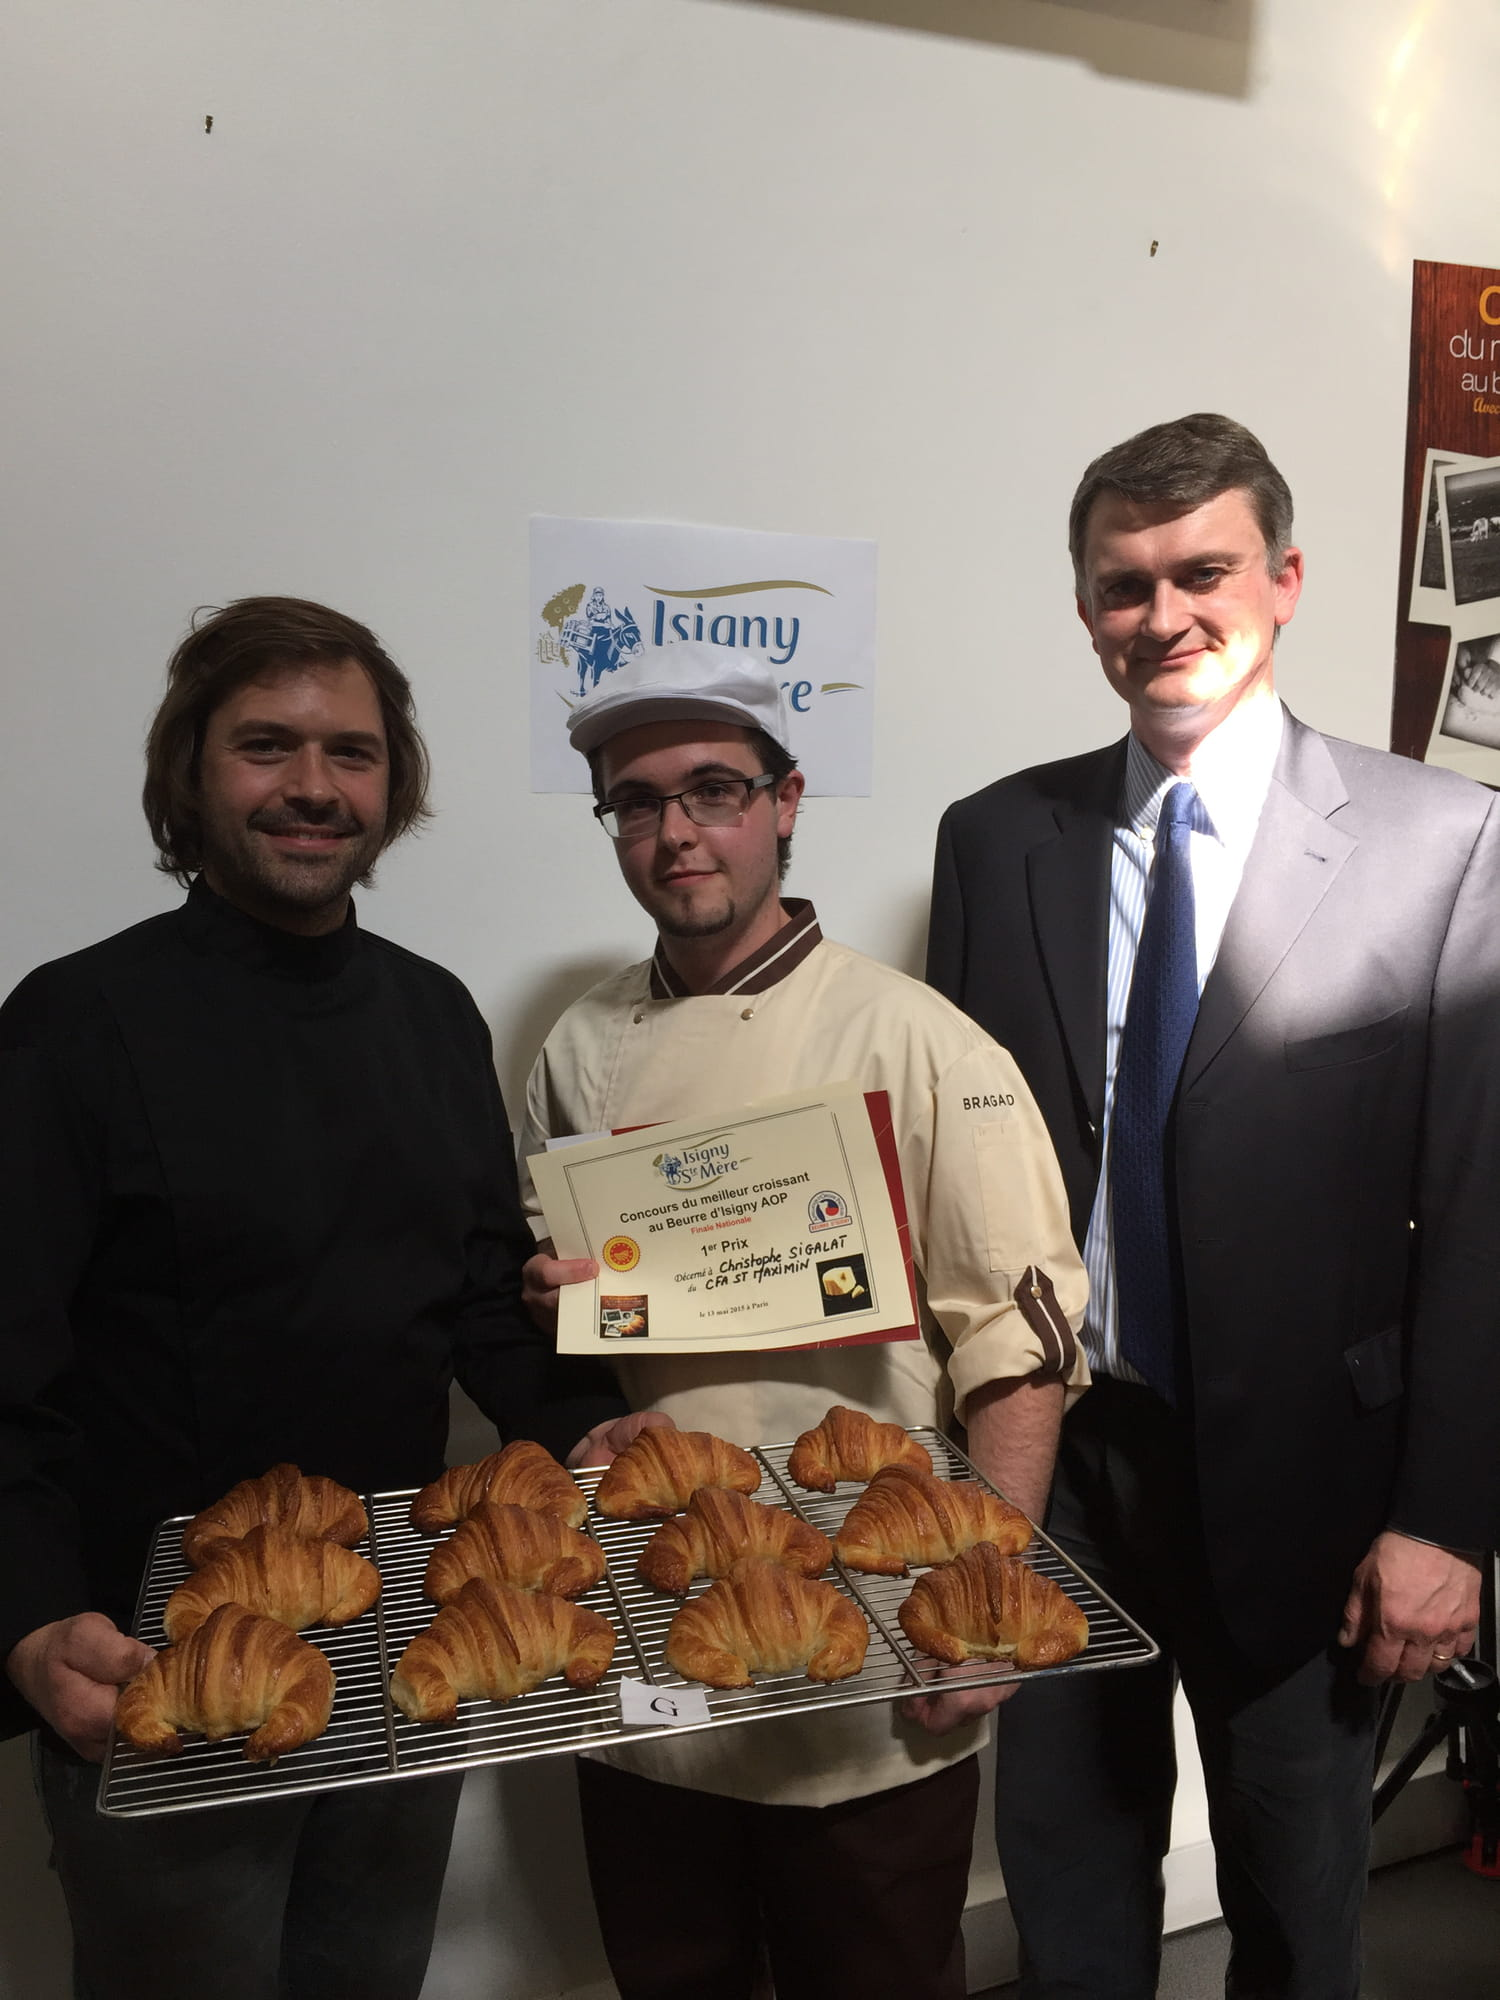 Concours National du Meilleur croissant au Beurre d'Isigny